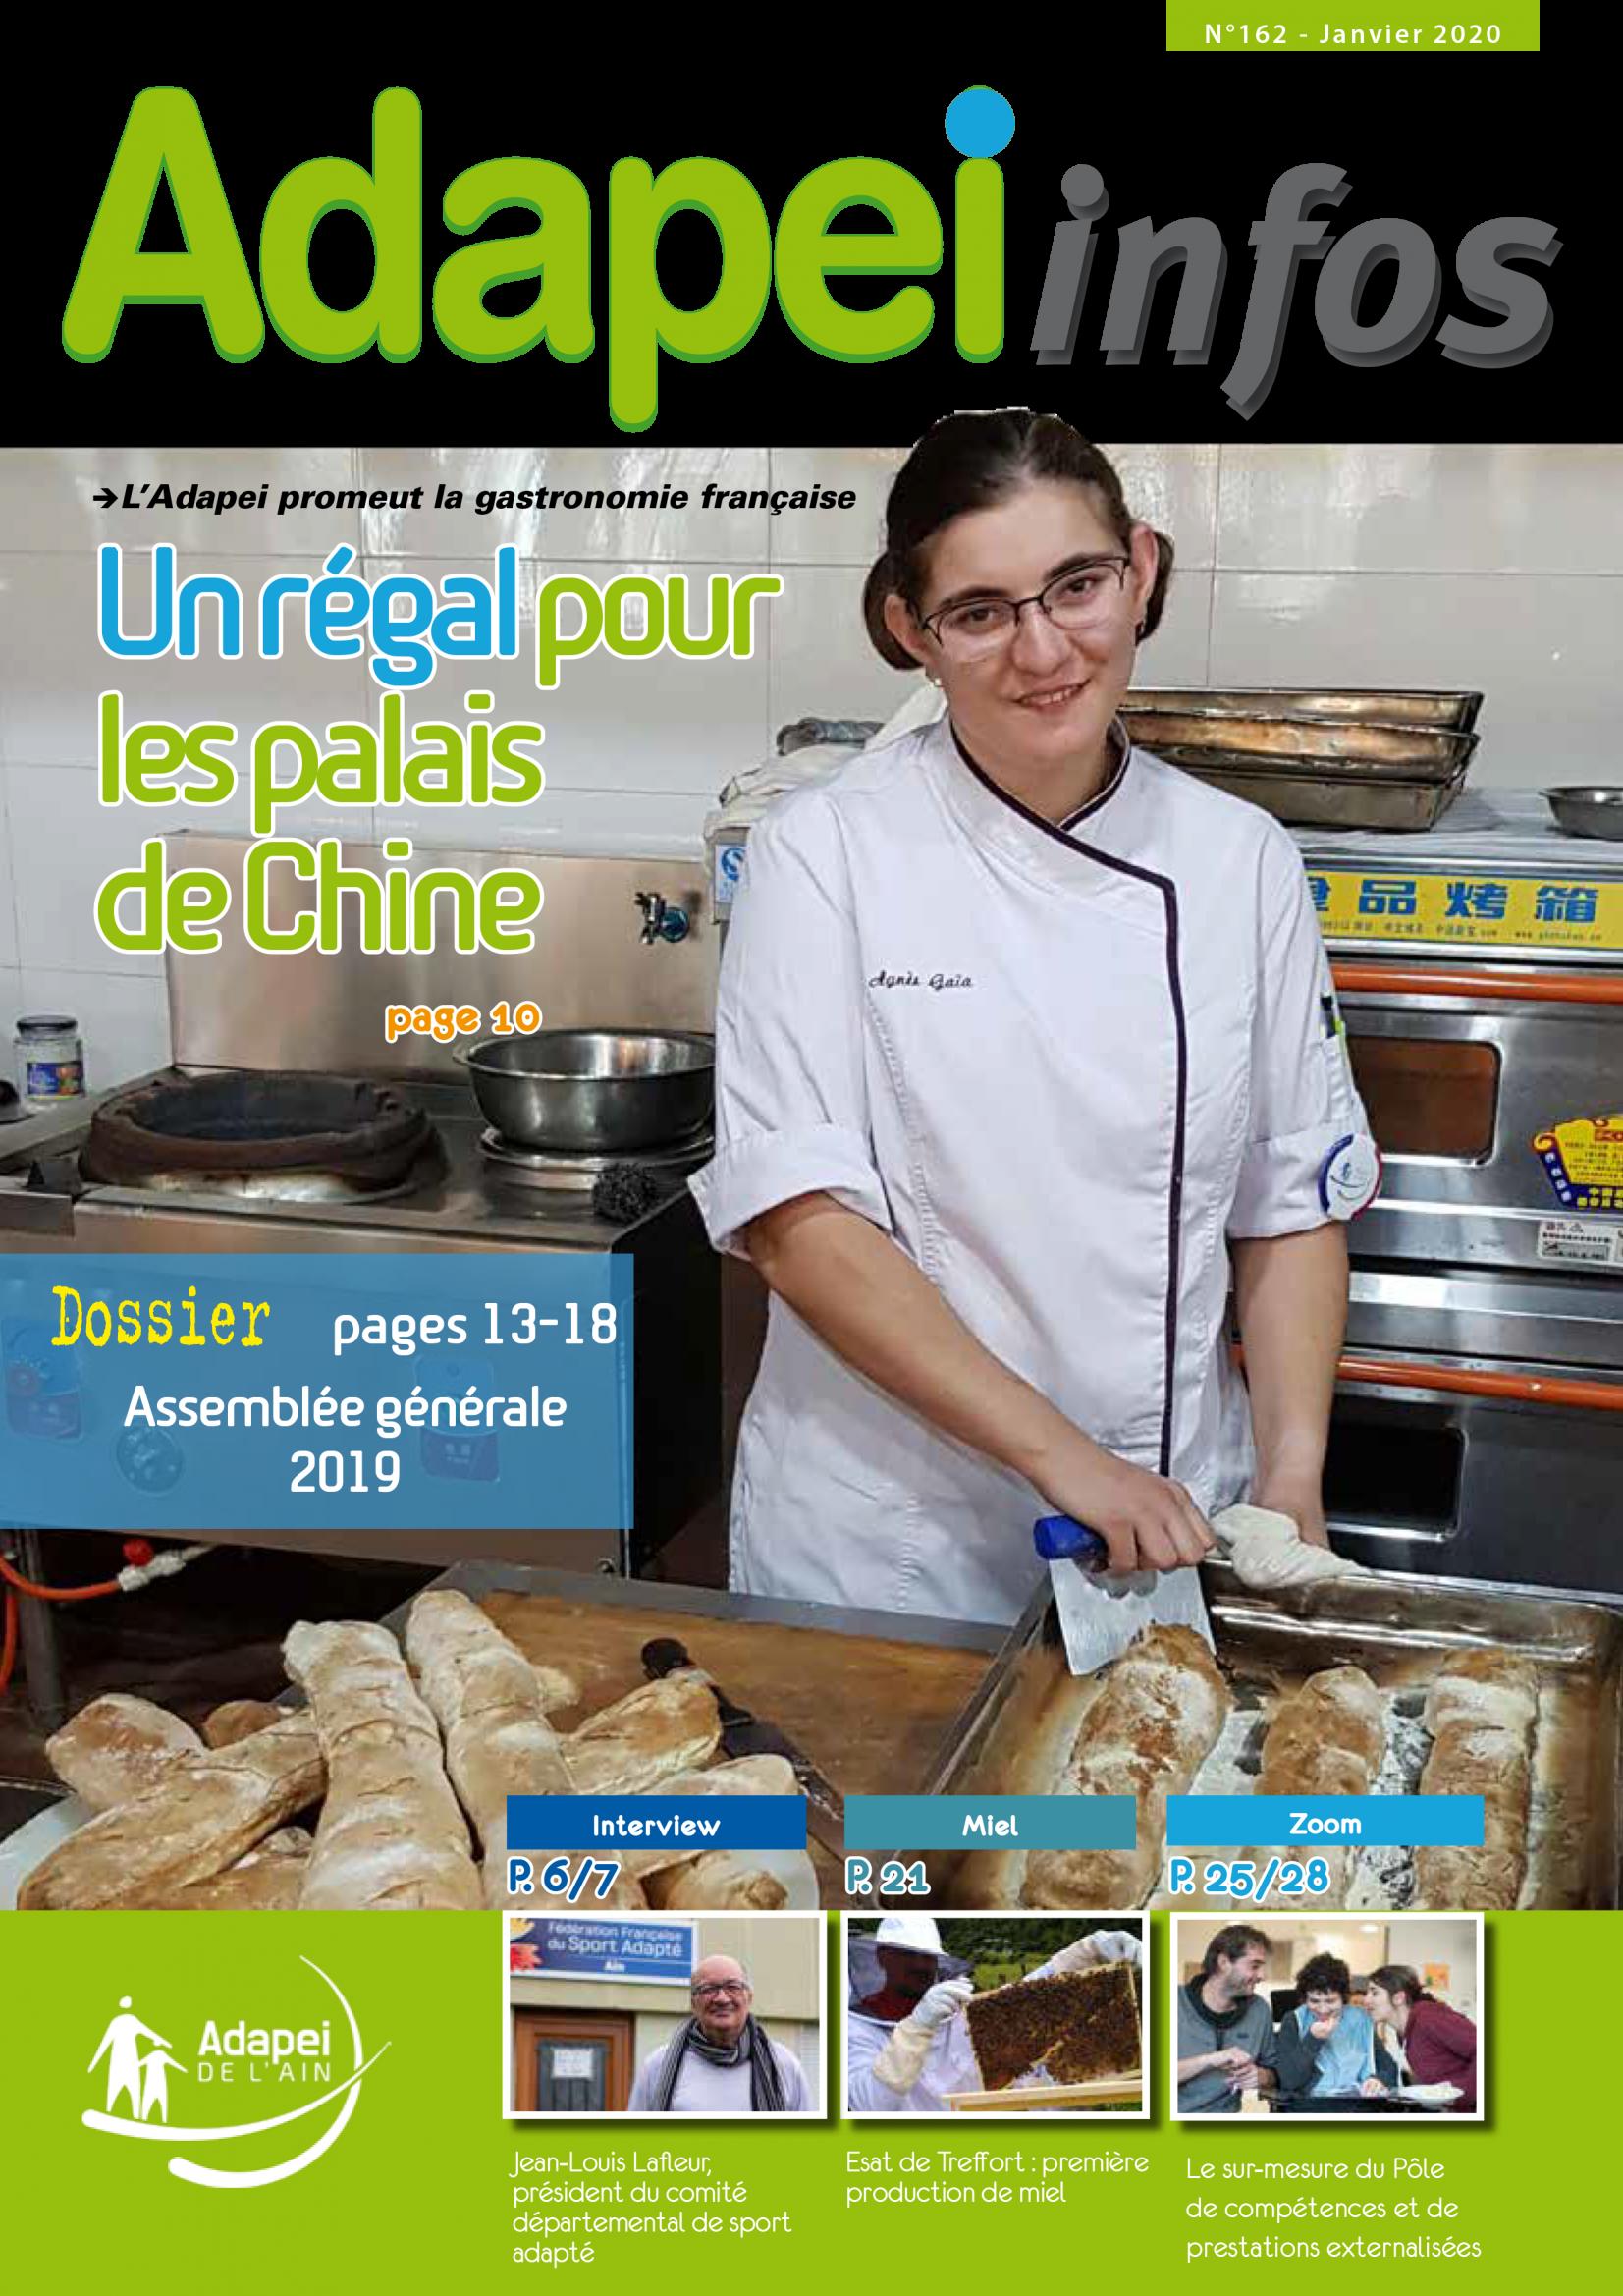 Adapei infos - Janvier 2020